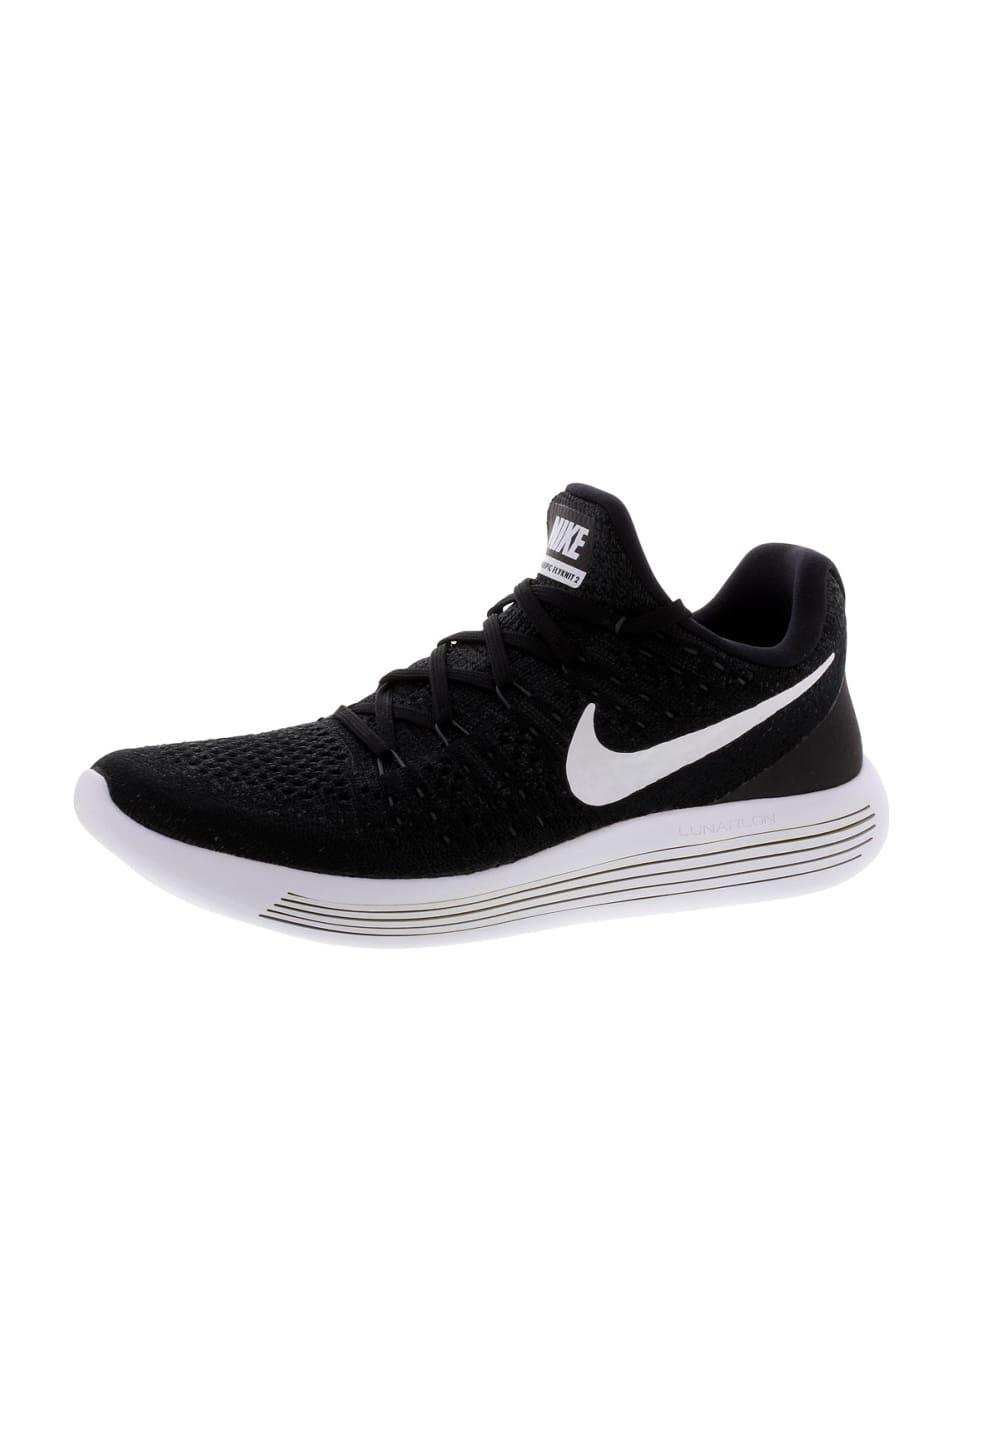 Nike Lunarepic Low Flyknit 2 - Laufschuhe für Damen - Schwarz